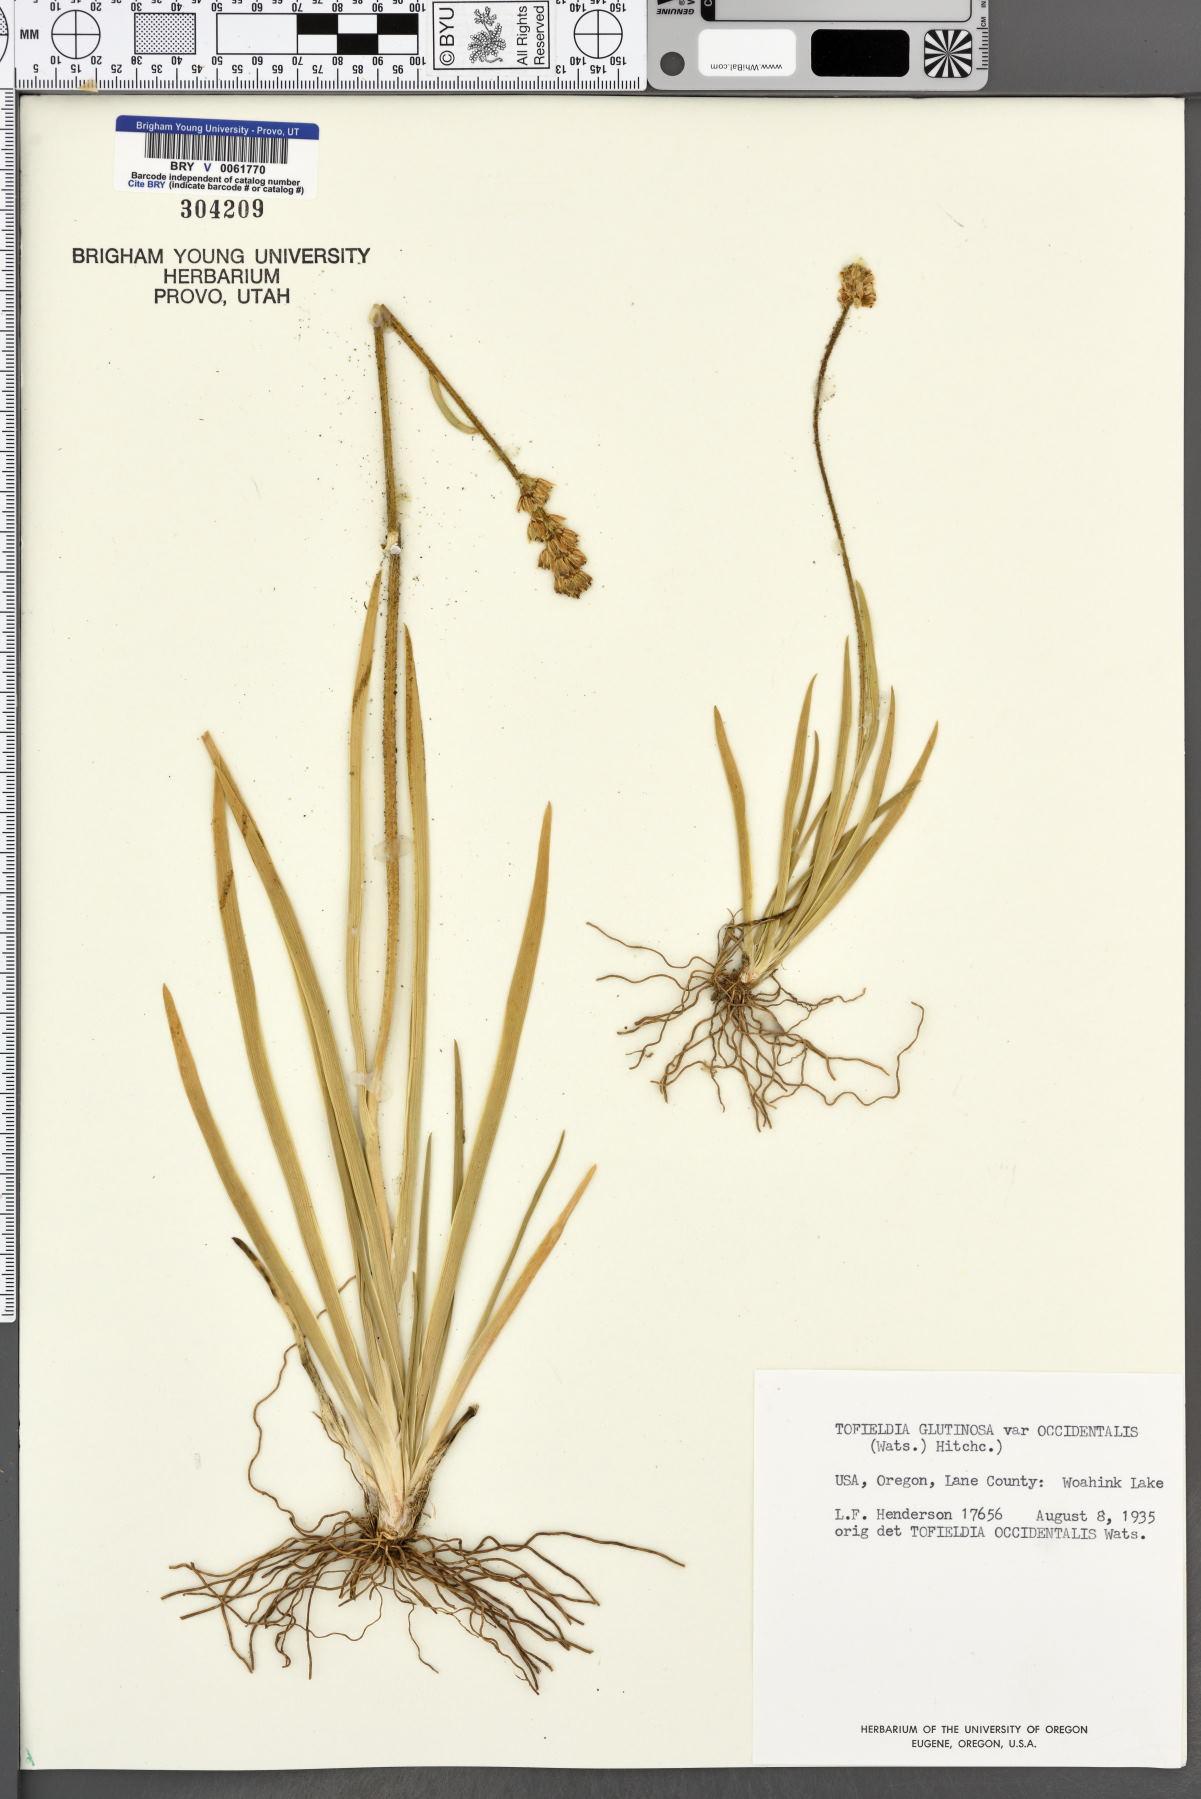 Tofieldia glutinosa var. occidentalis image